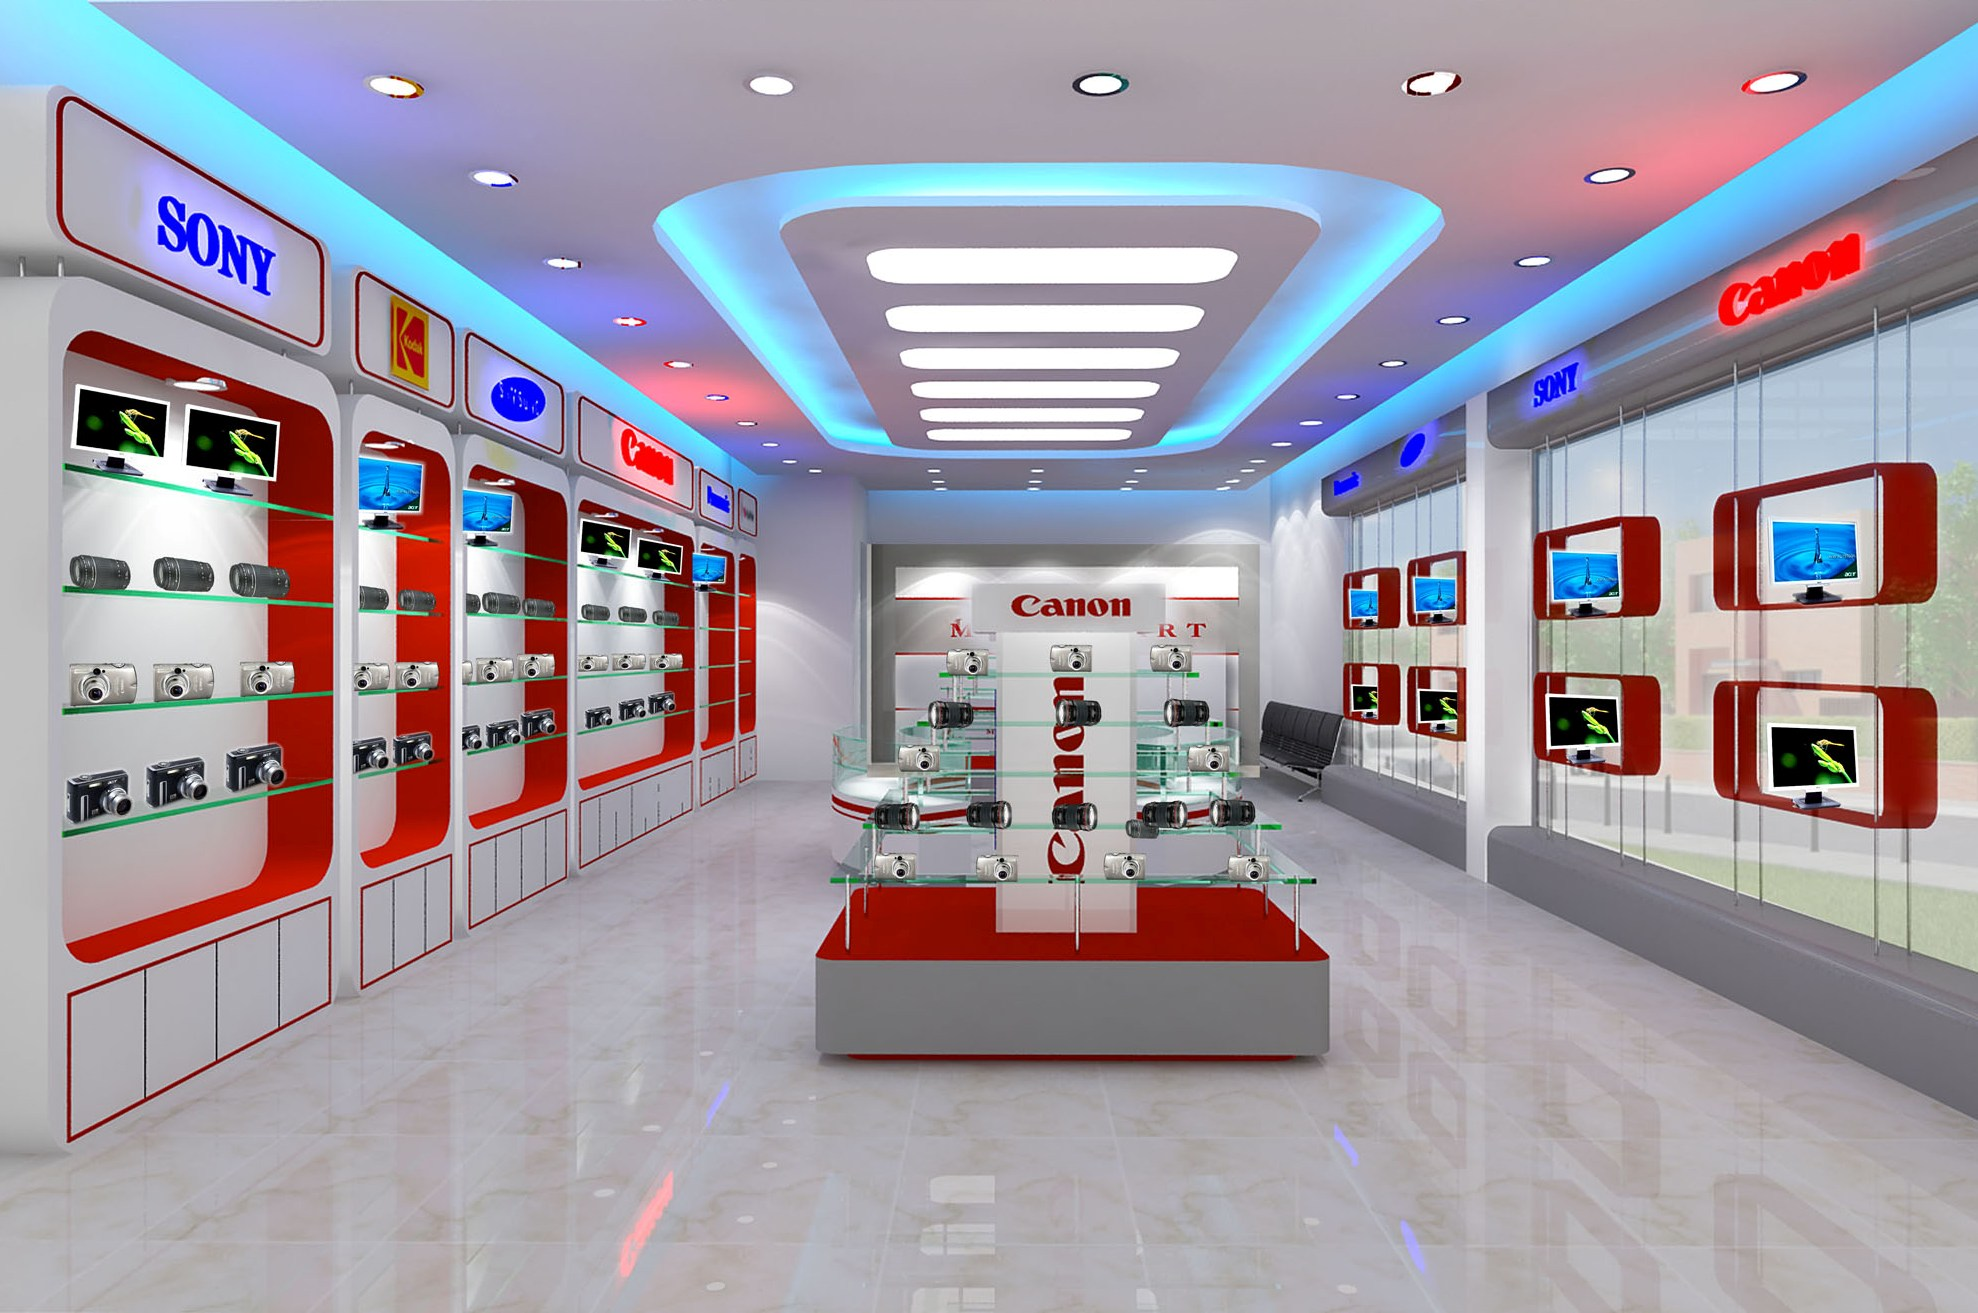 Các hình thức  trưng bày, giới thiệu hàng hóa, dịch vụ